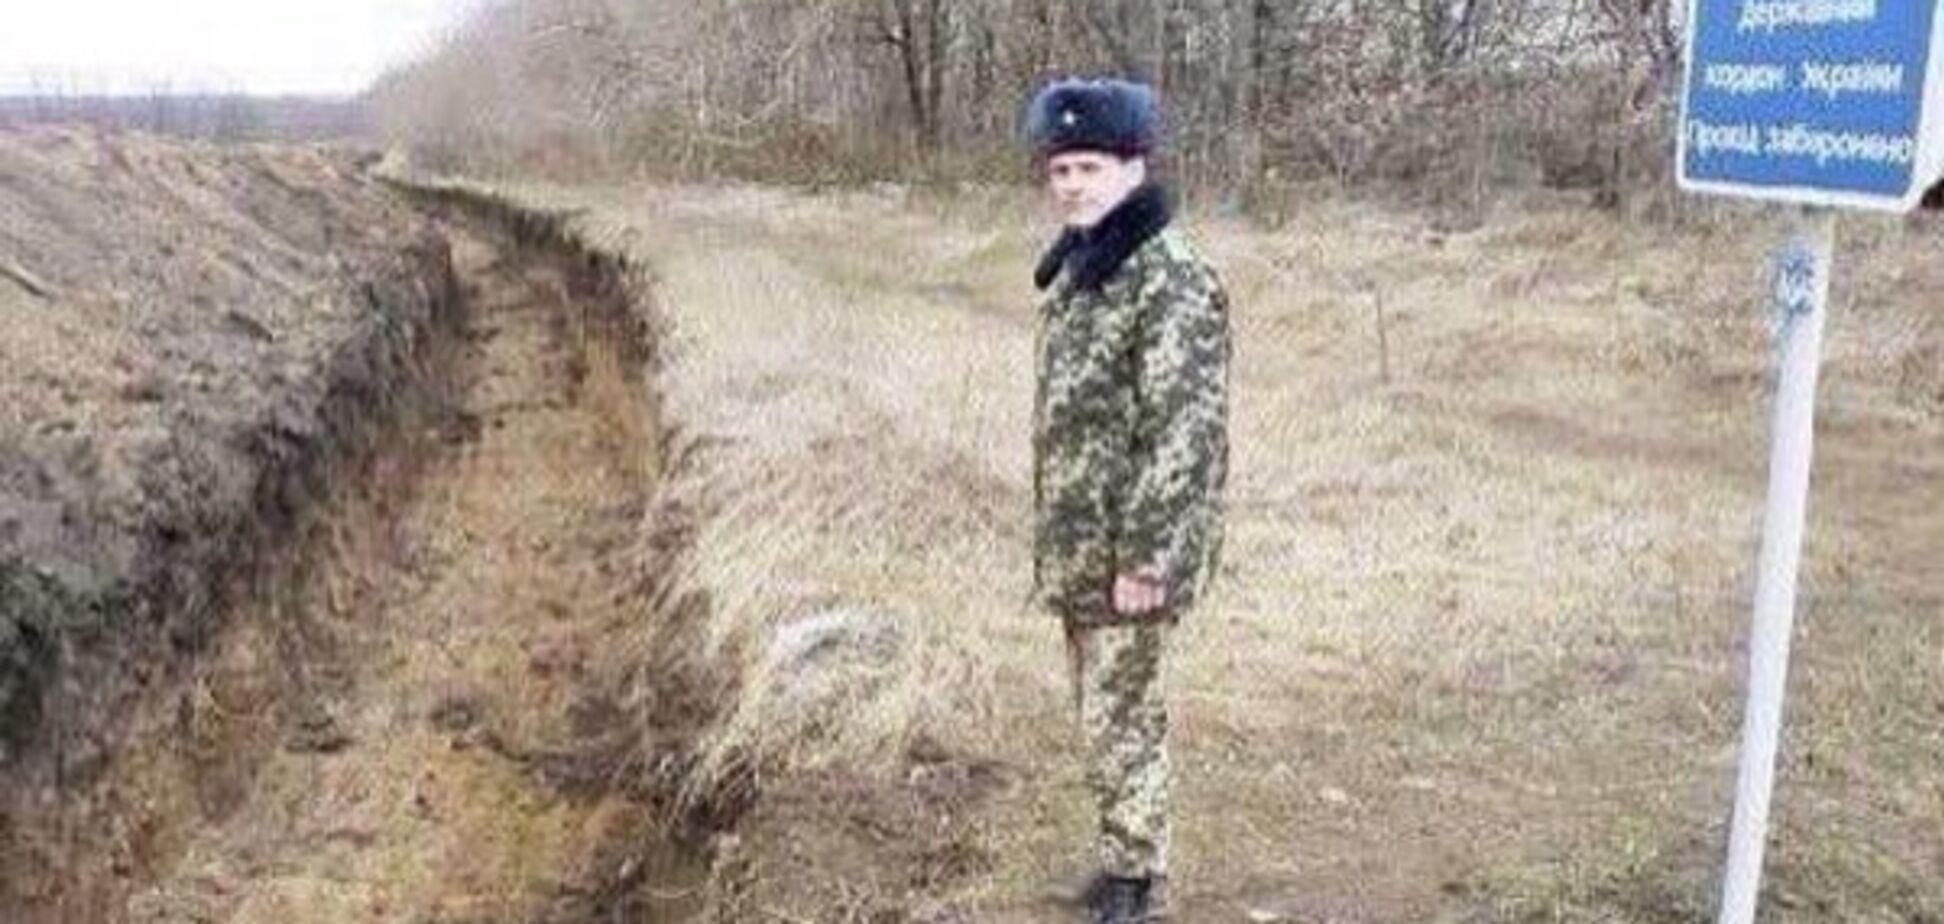 Велика канава Яценюка: блогер наочно показав масштаби 'відмивання' грошей на захисті України. Фотофакт